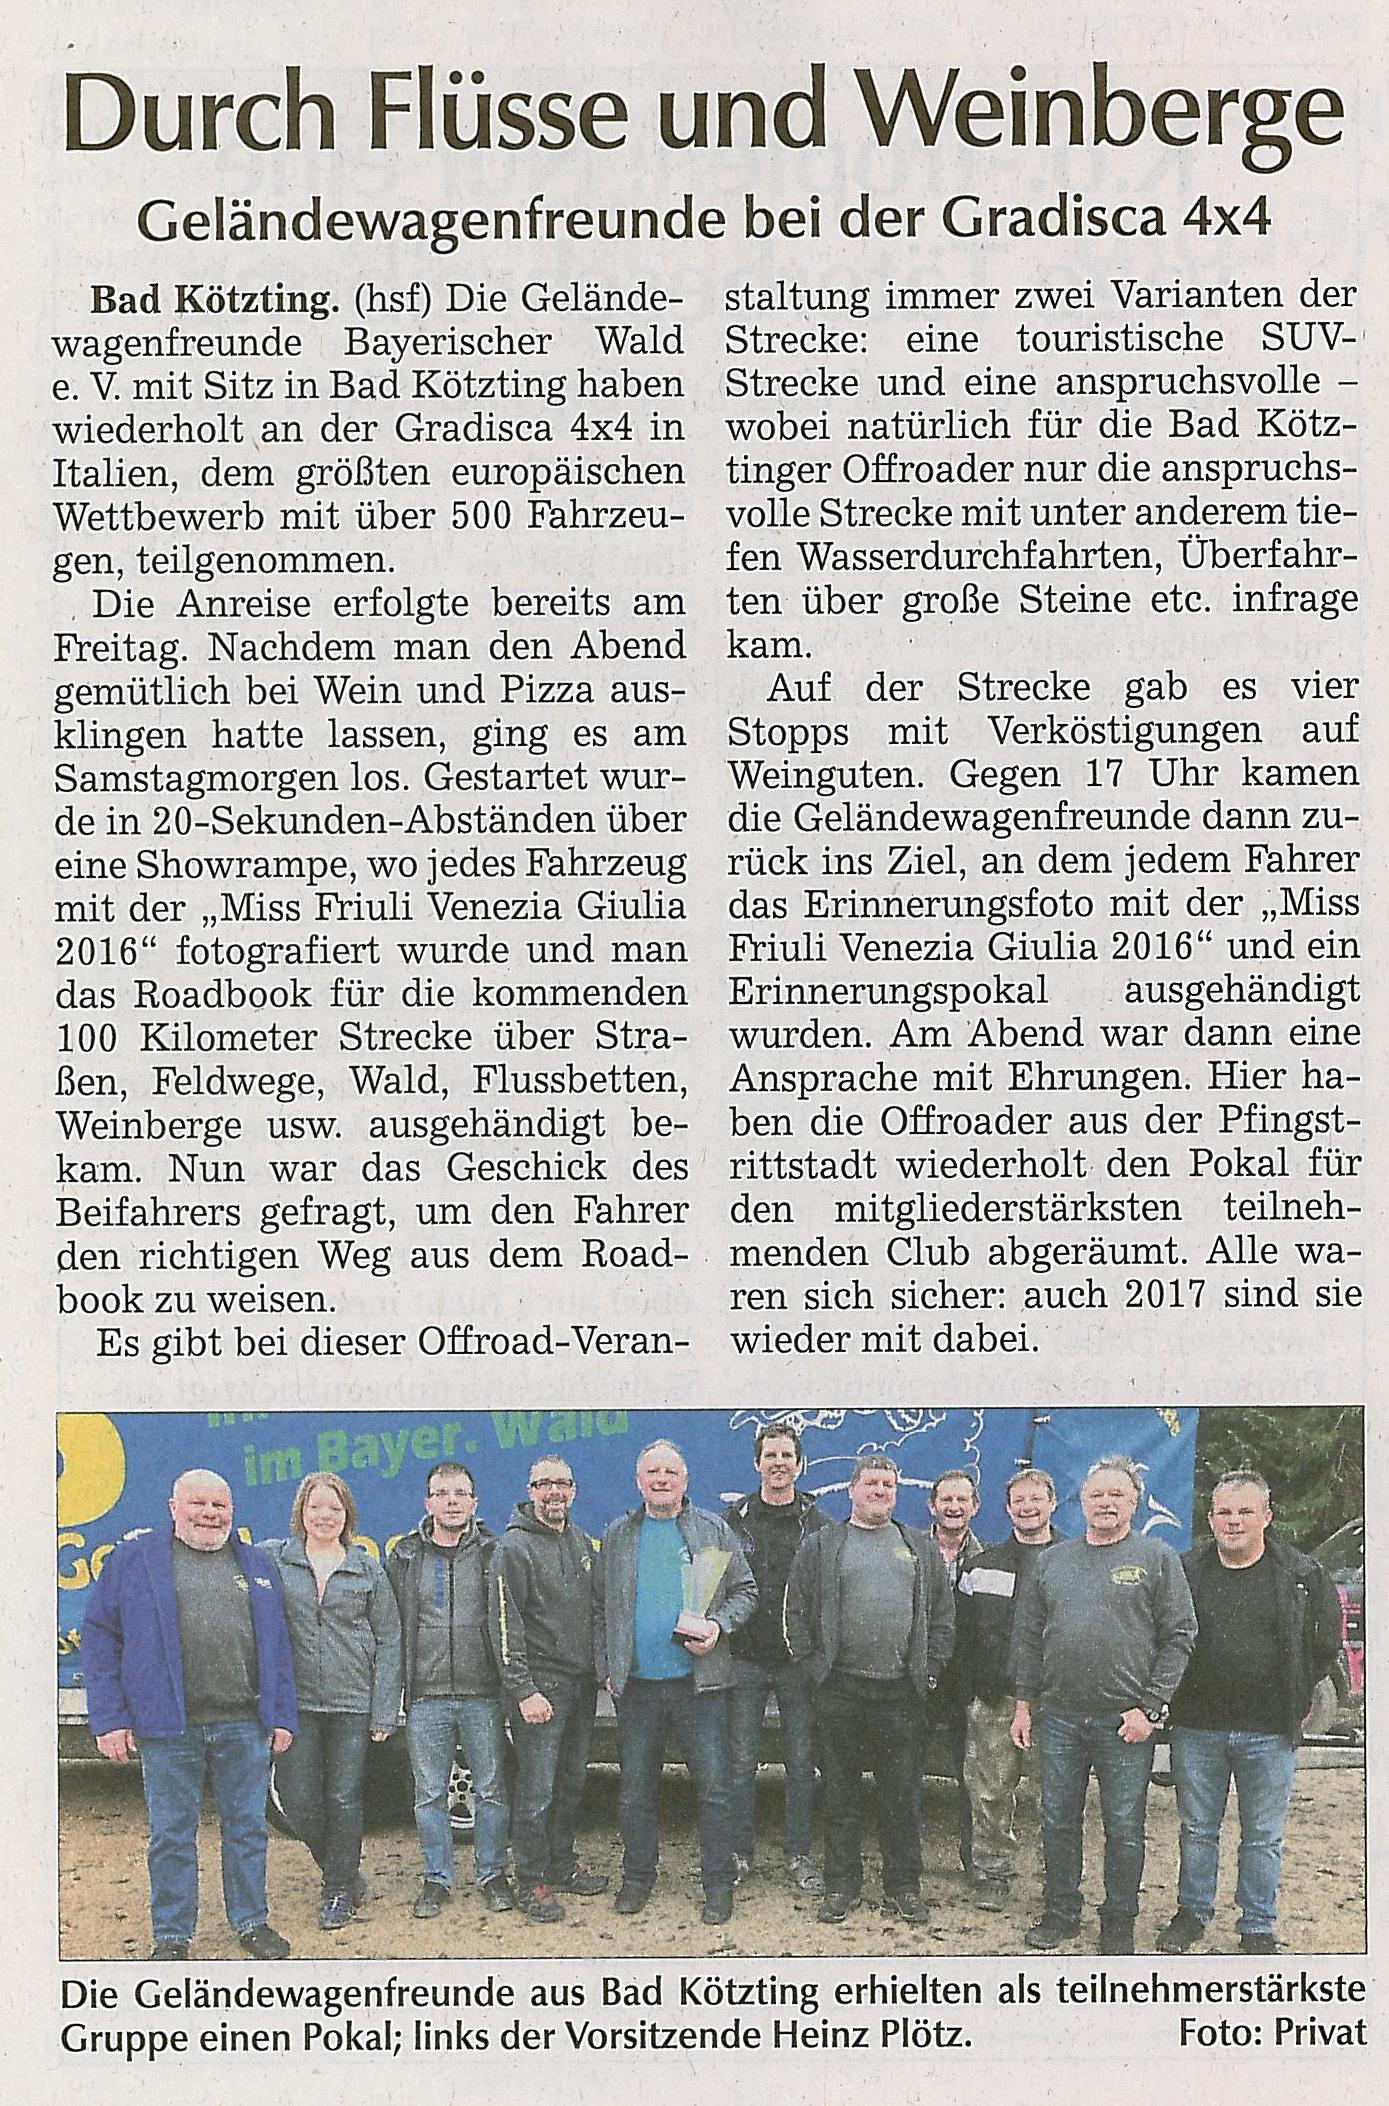 Kötztinger Zeitung vom 21.12.16 zur Gradisca